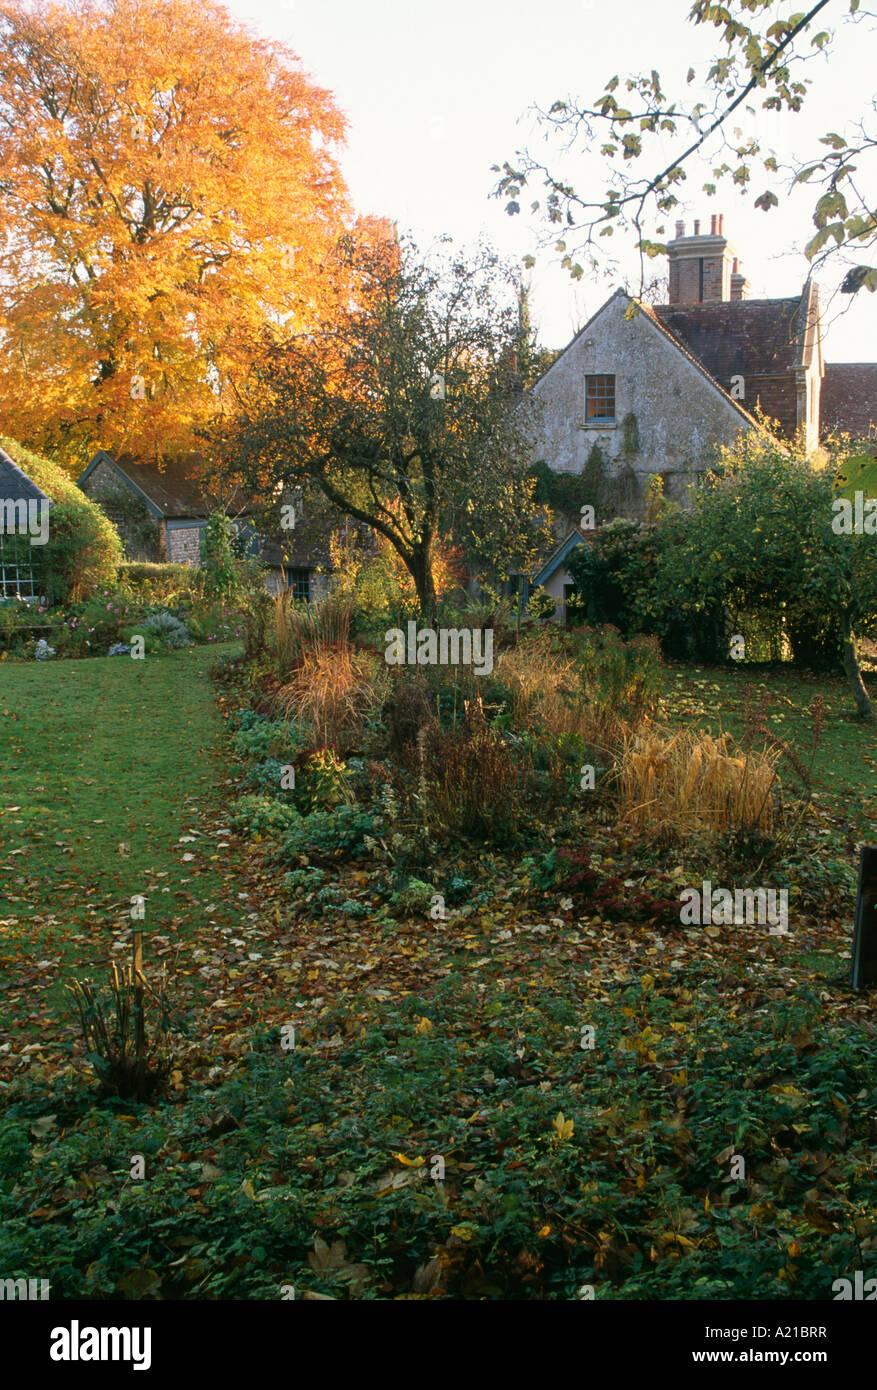 gräser und kleiner baum in grenze im garten im herbst mit bunten